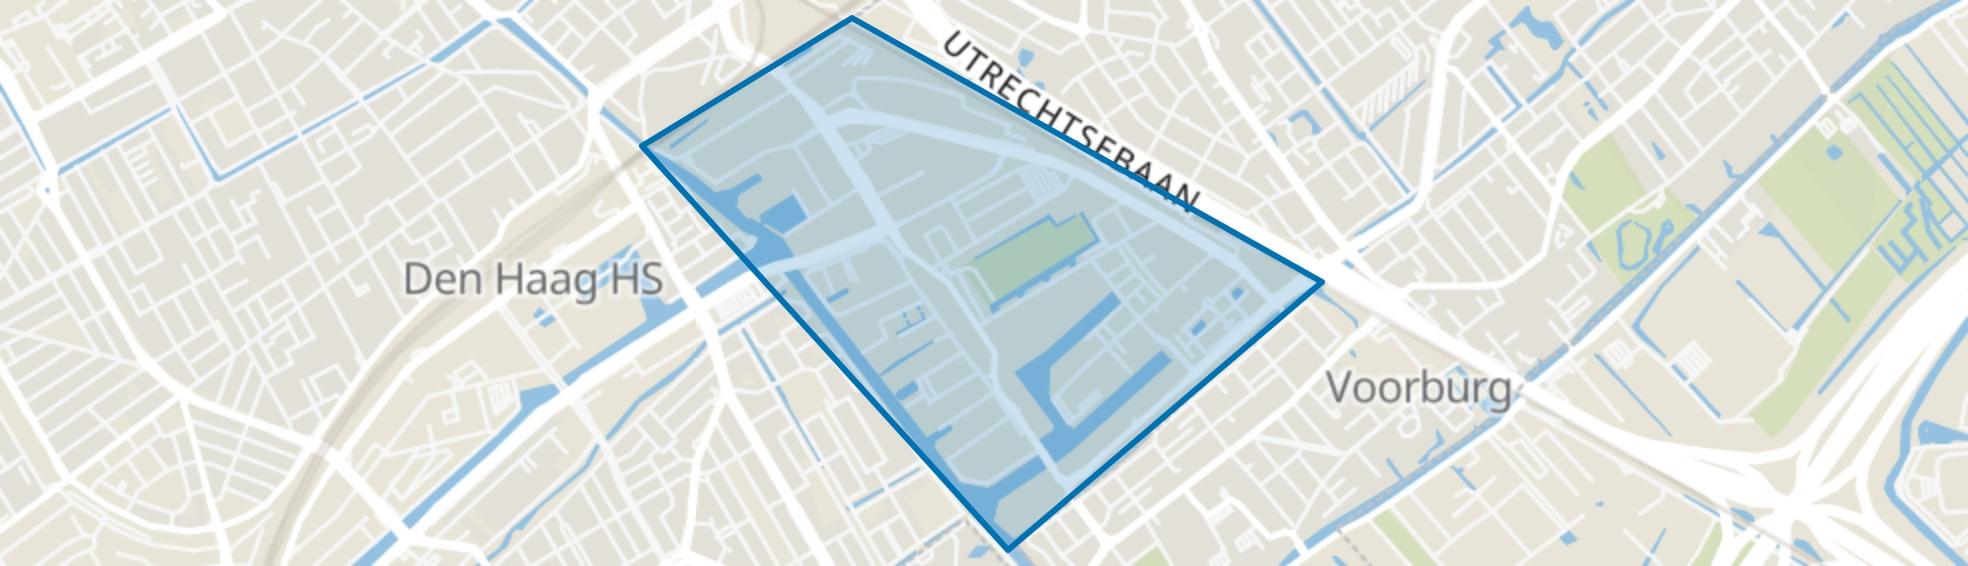 Binckhorst, Den Haag map